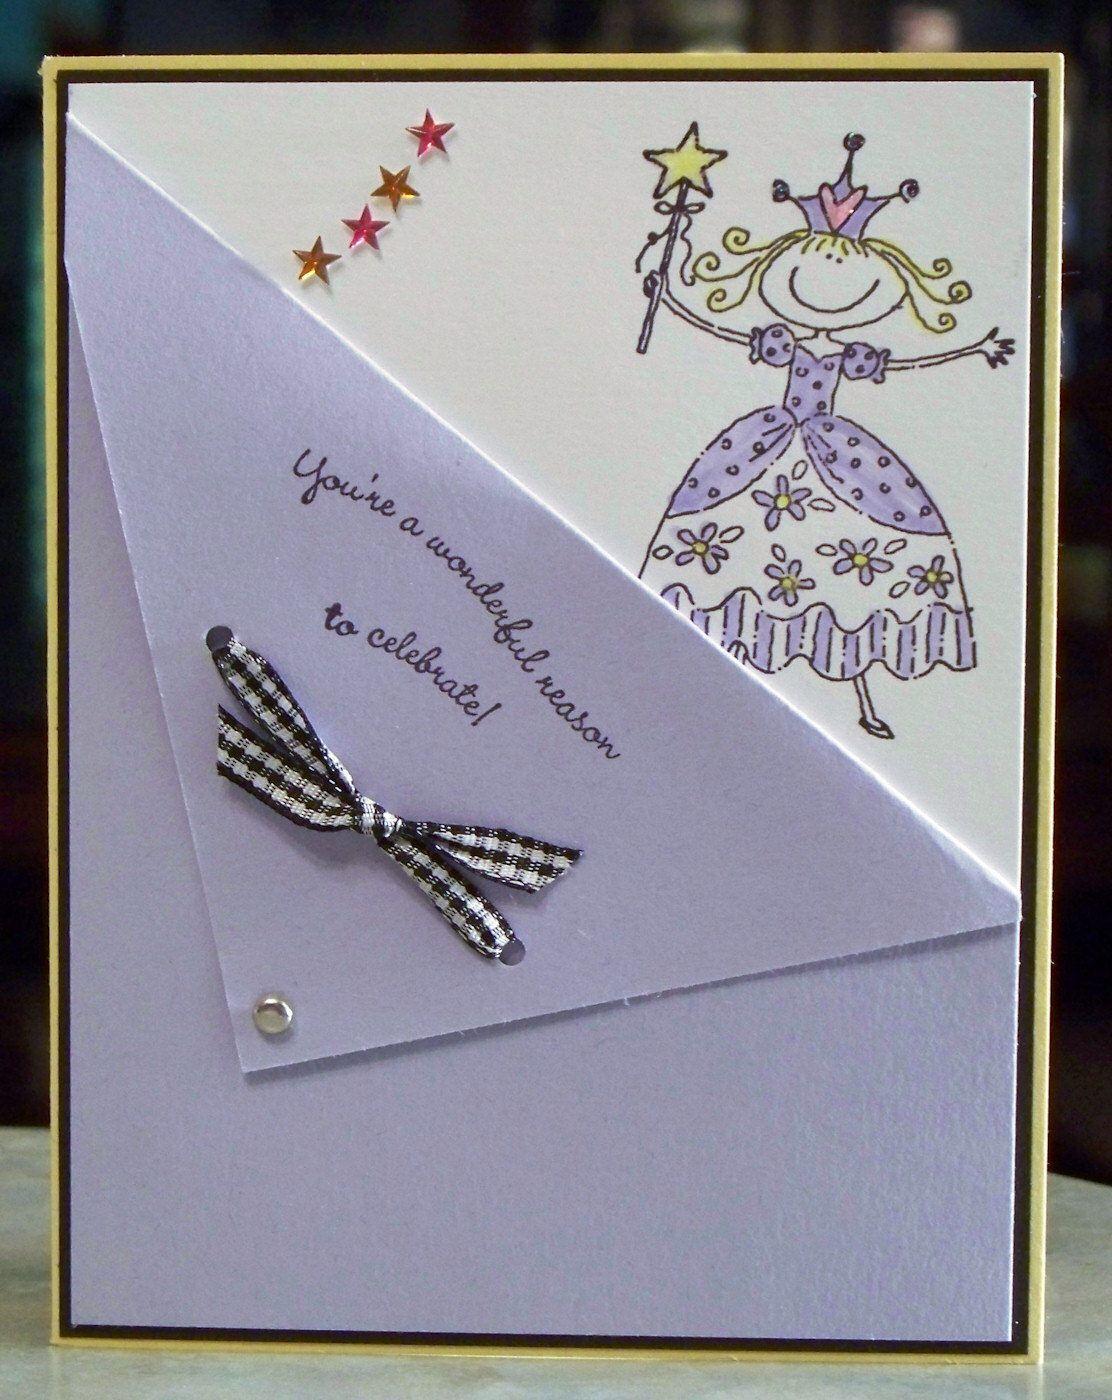 Брать картинки, открытки своими руками план